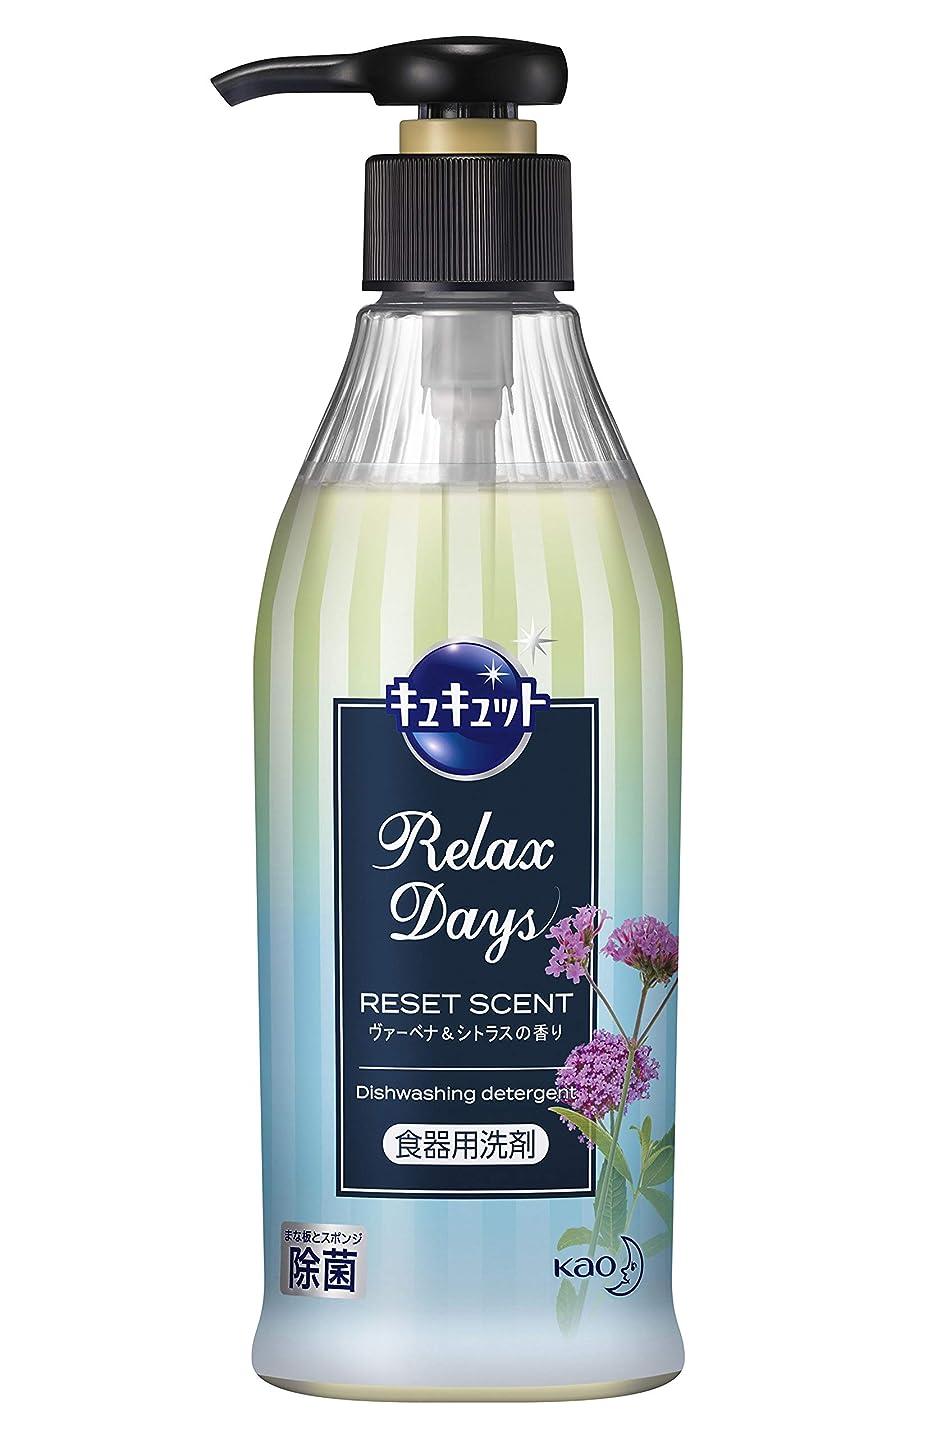 凍結厳密に散歩キュキュット RelaxDays(リラックスデイズ) 食器用洗剤 ヴァーベナ&シトラスの香り ポンプタイプ 300ml